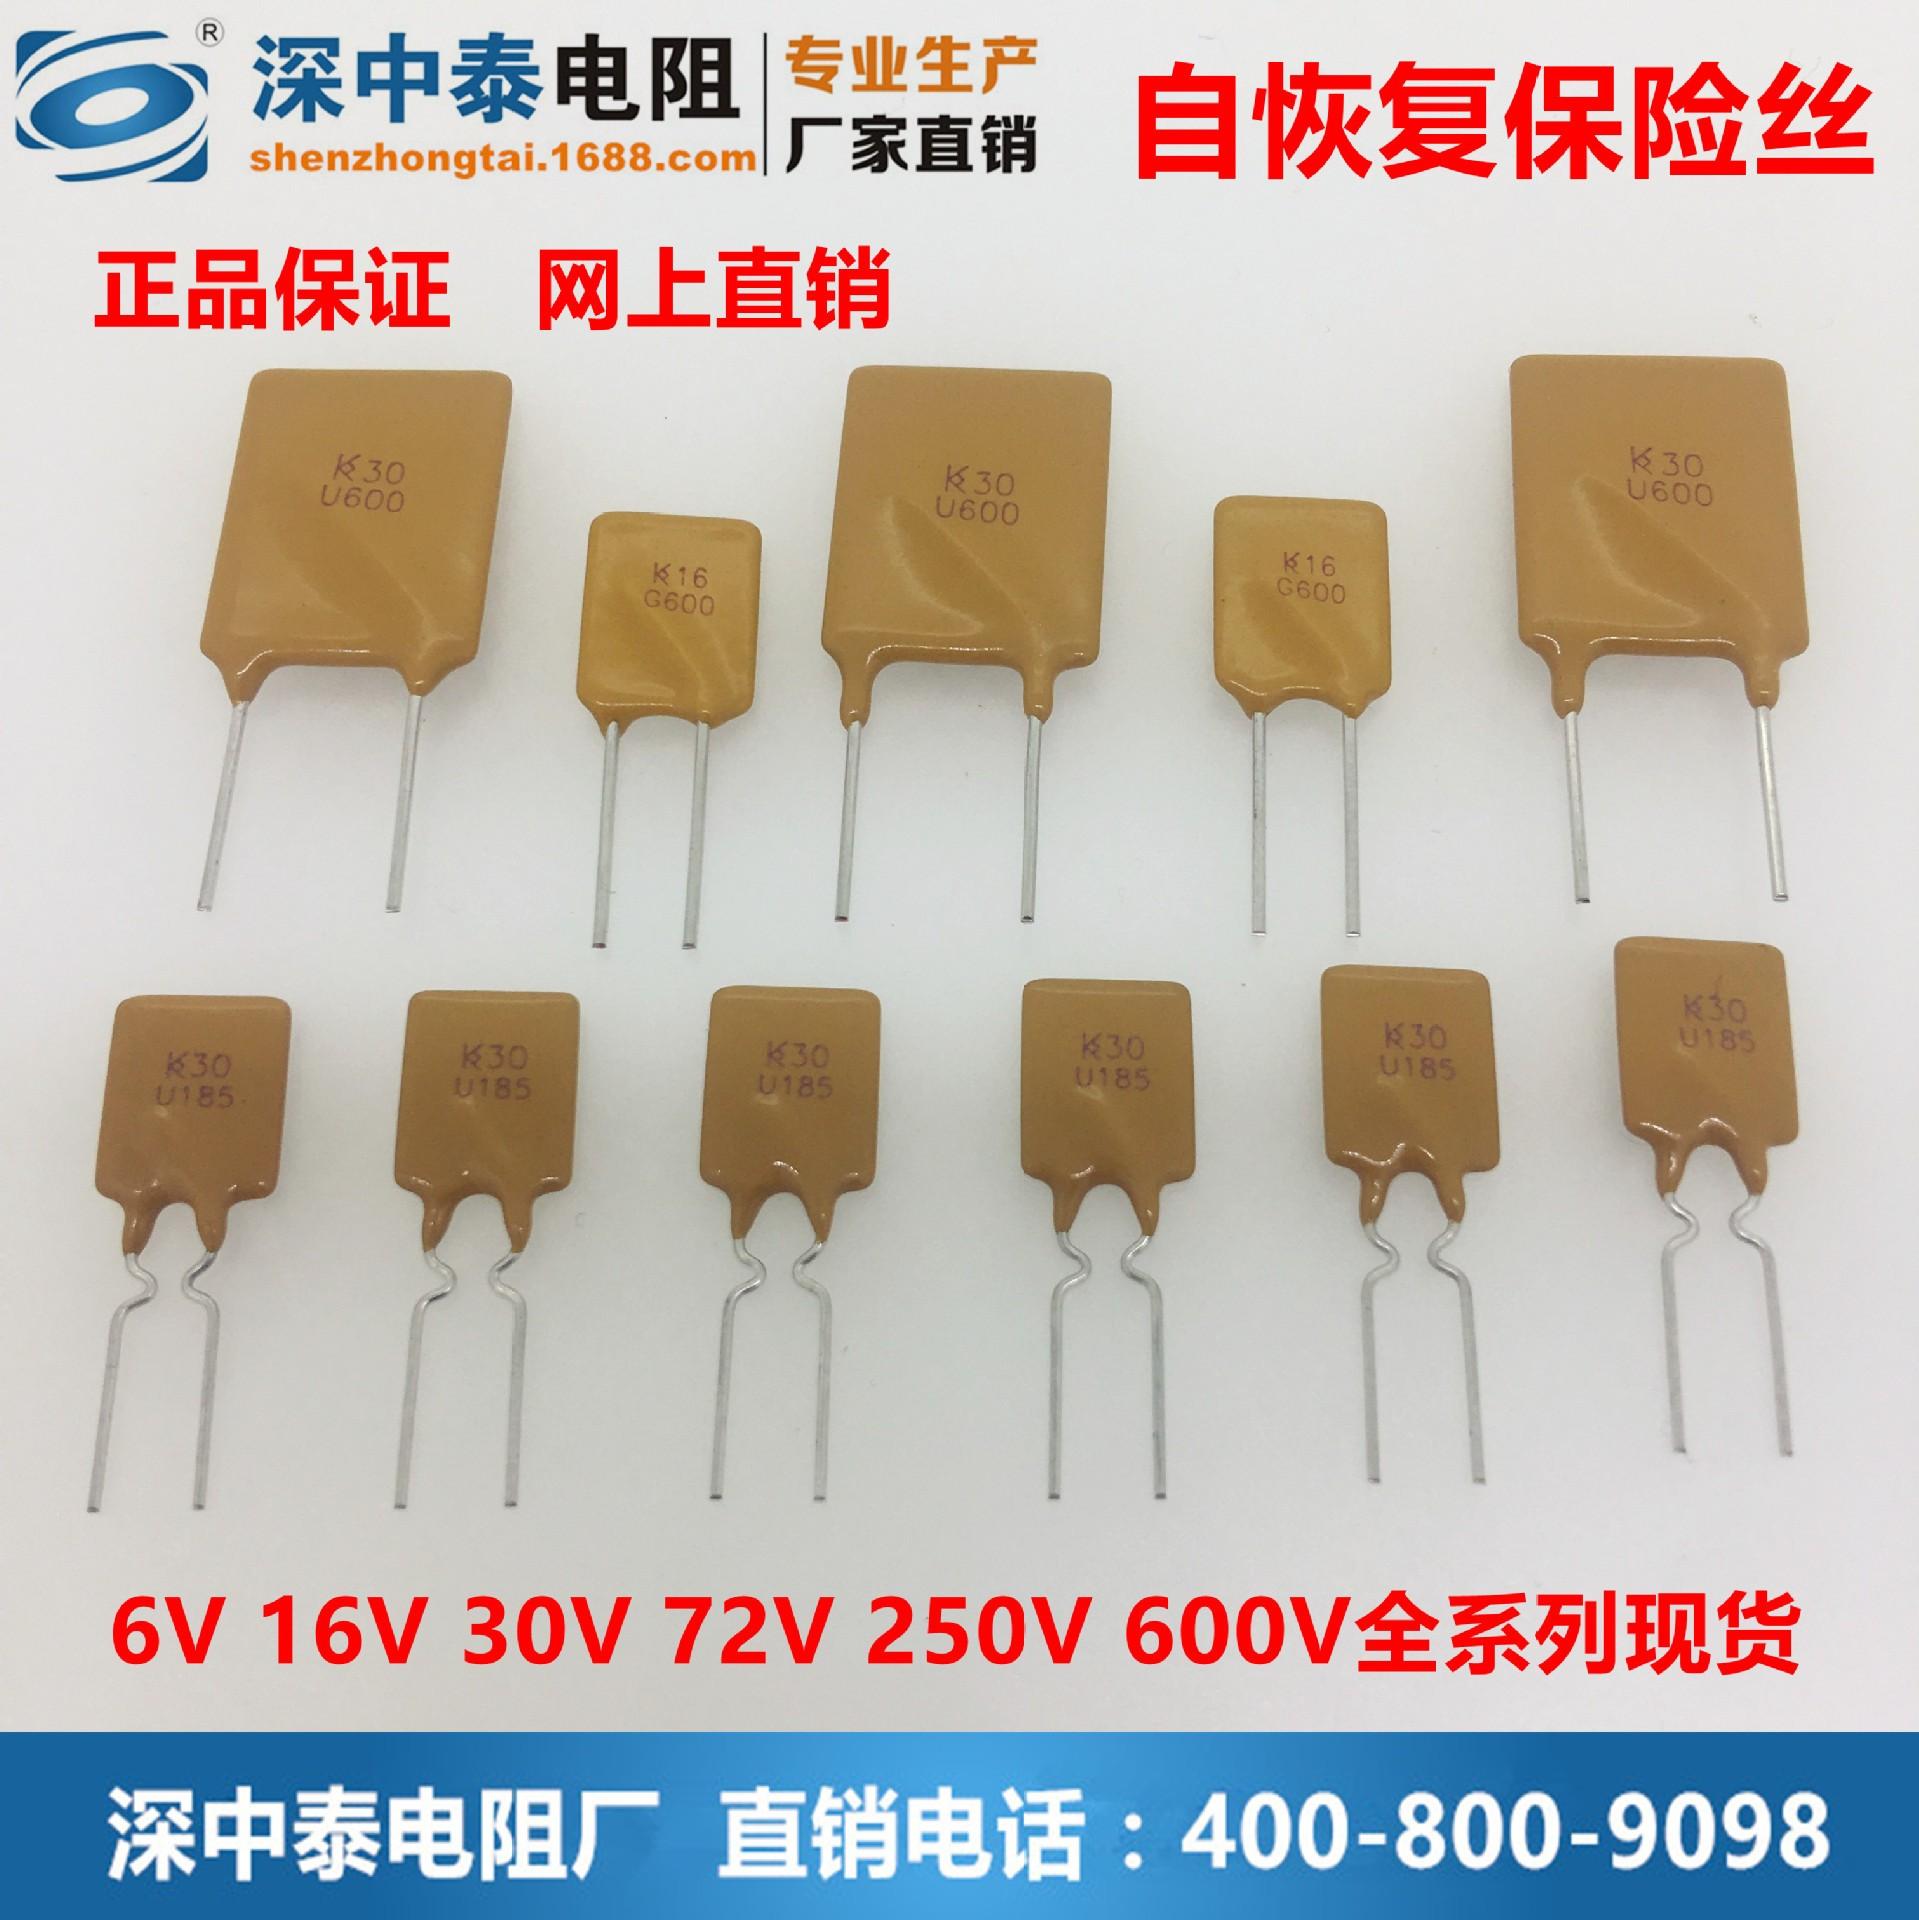 600V厂家直销 深中泰 保险丝 安全电压 插片式 M/中速